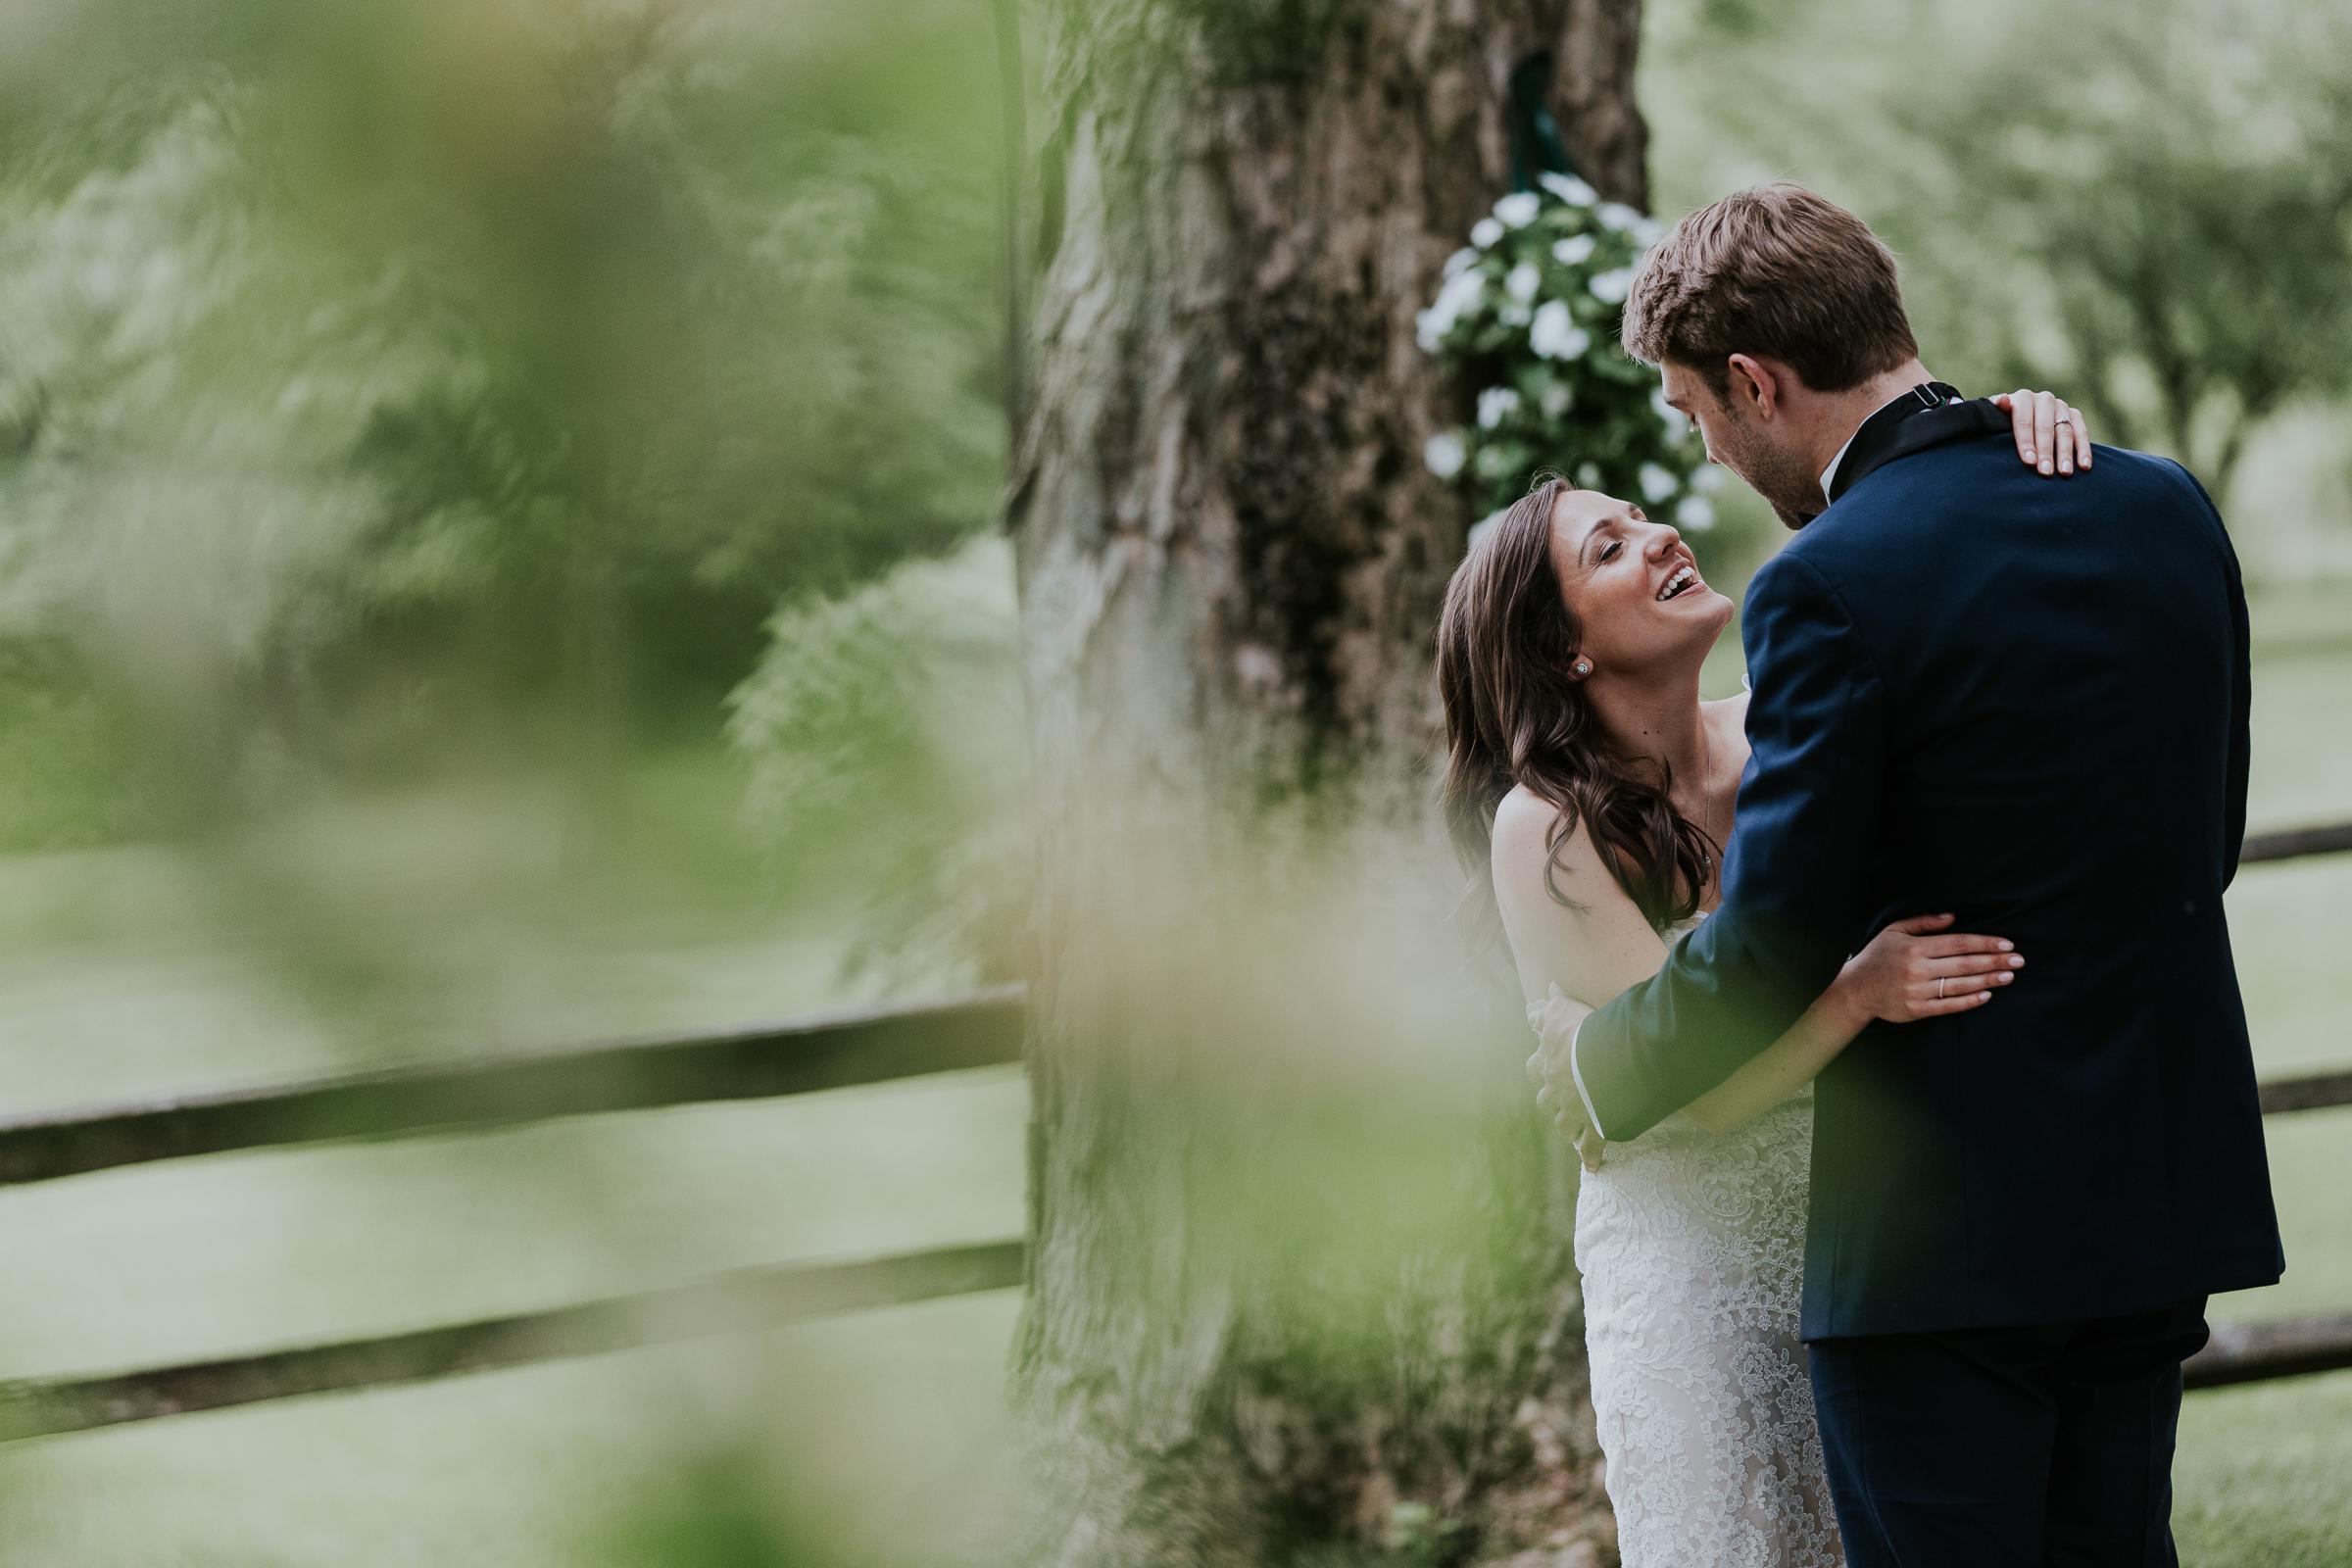 Crossed-Keys-Estate-Andover-NJ-Fine-Art-Documentary-Wedding-Photographer-60.jpg